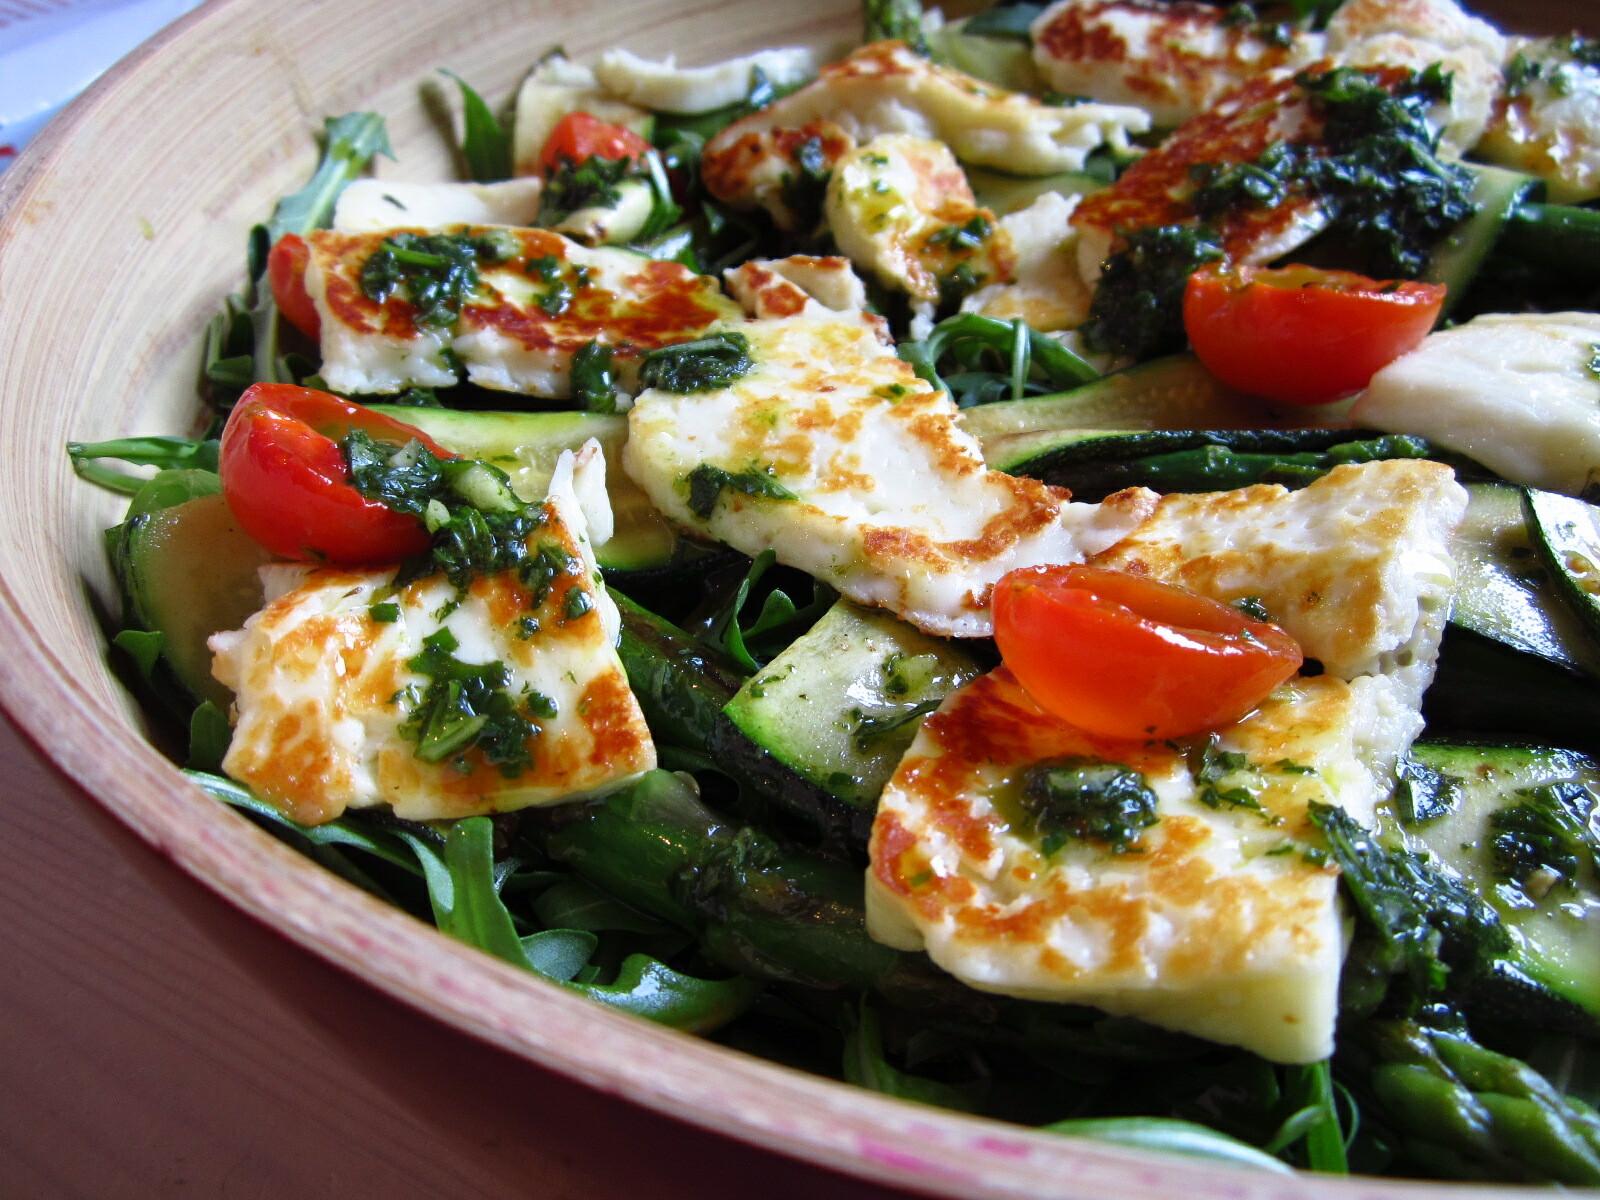 Halloumi, salade de pesto et asperges ©Great British Chefs Team CC BY-NC-SA 2.0